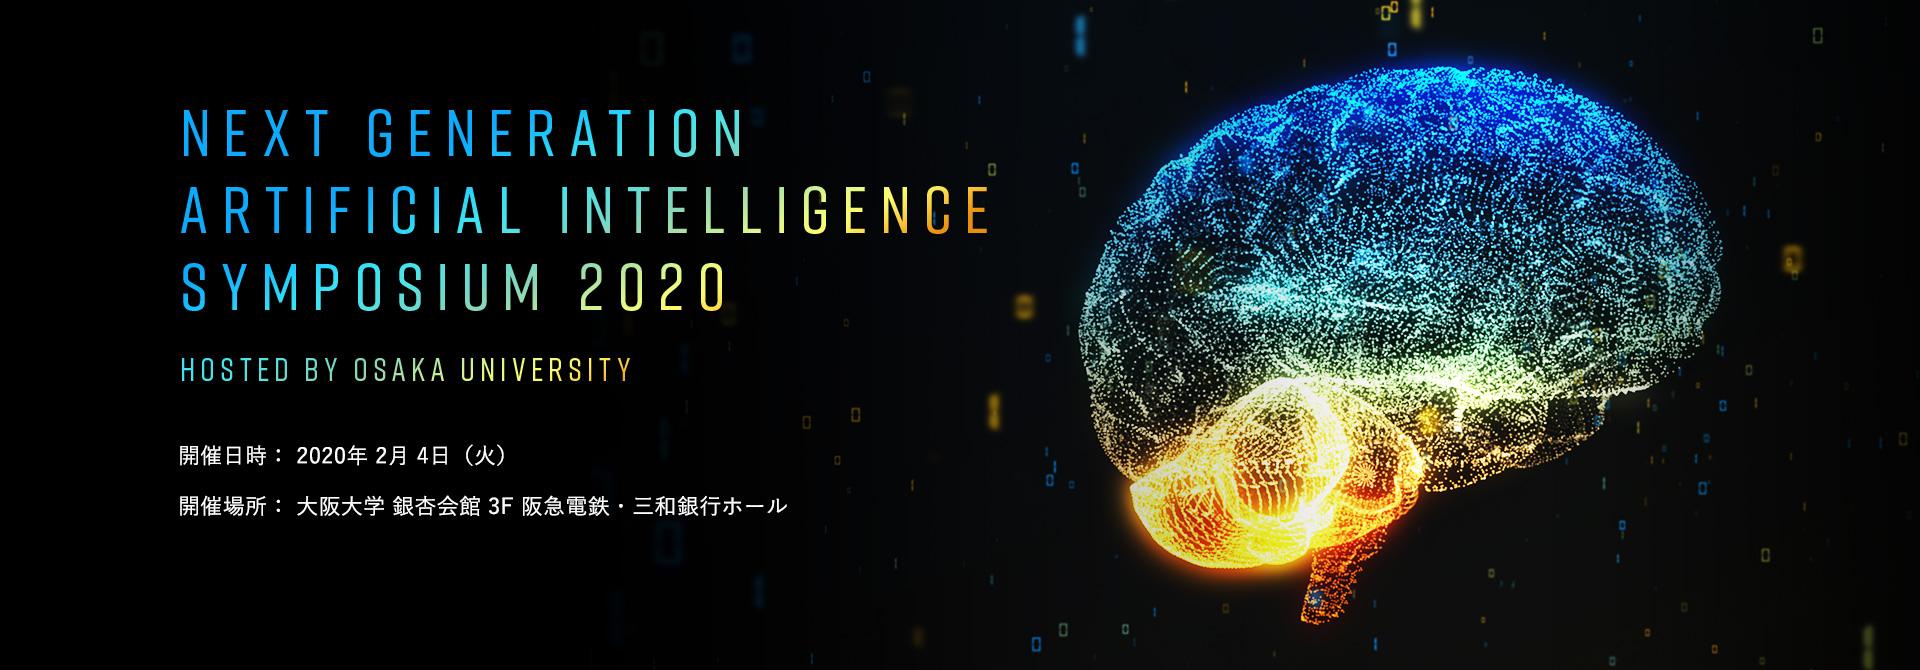 大阪大学主催 次世代人工知能シンポジウム 2020